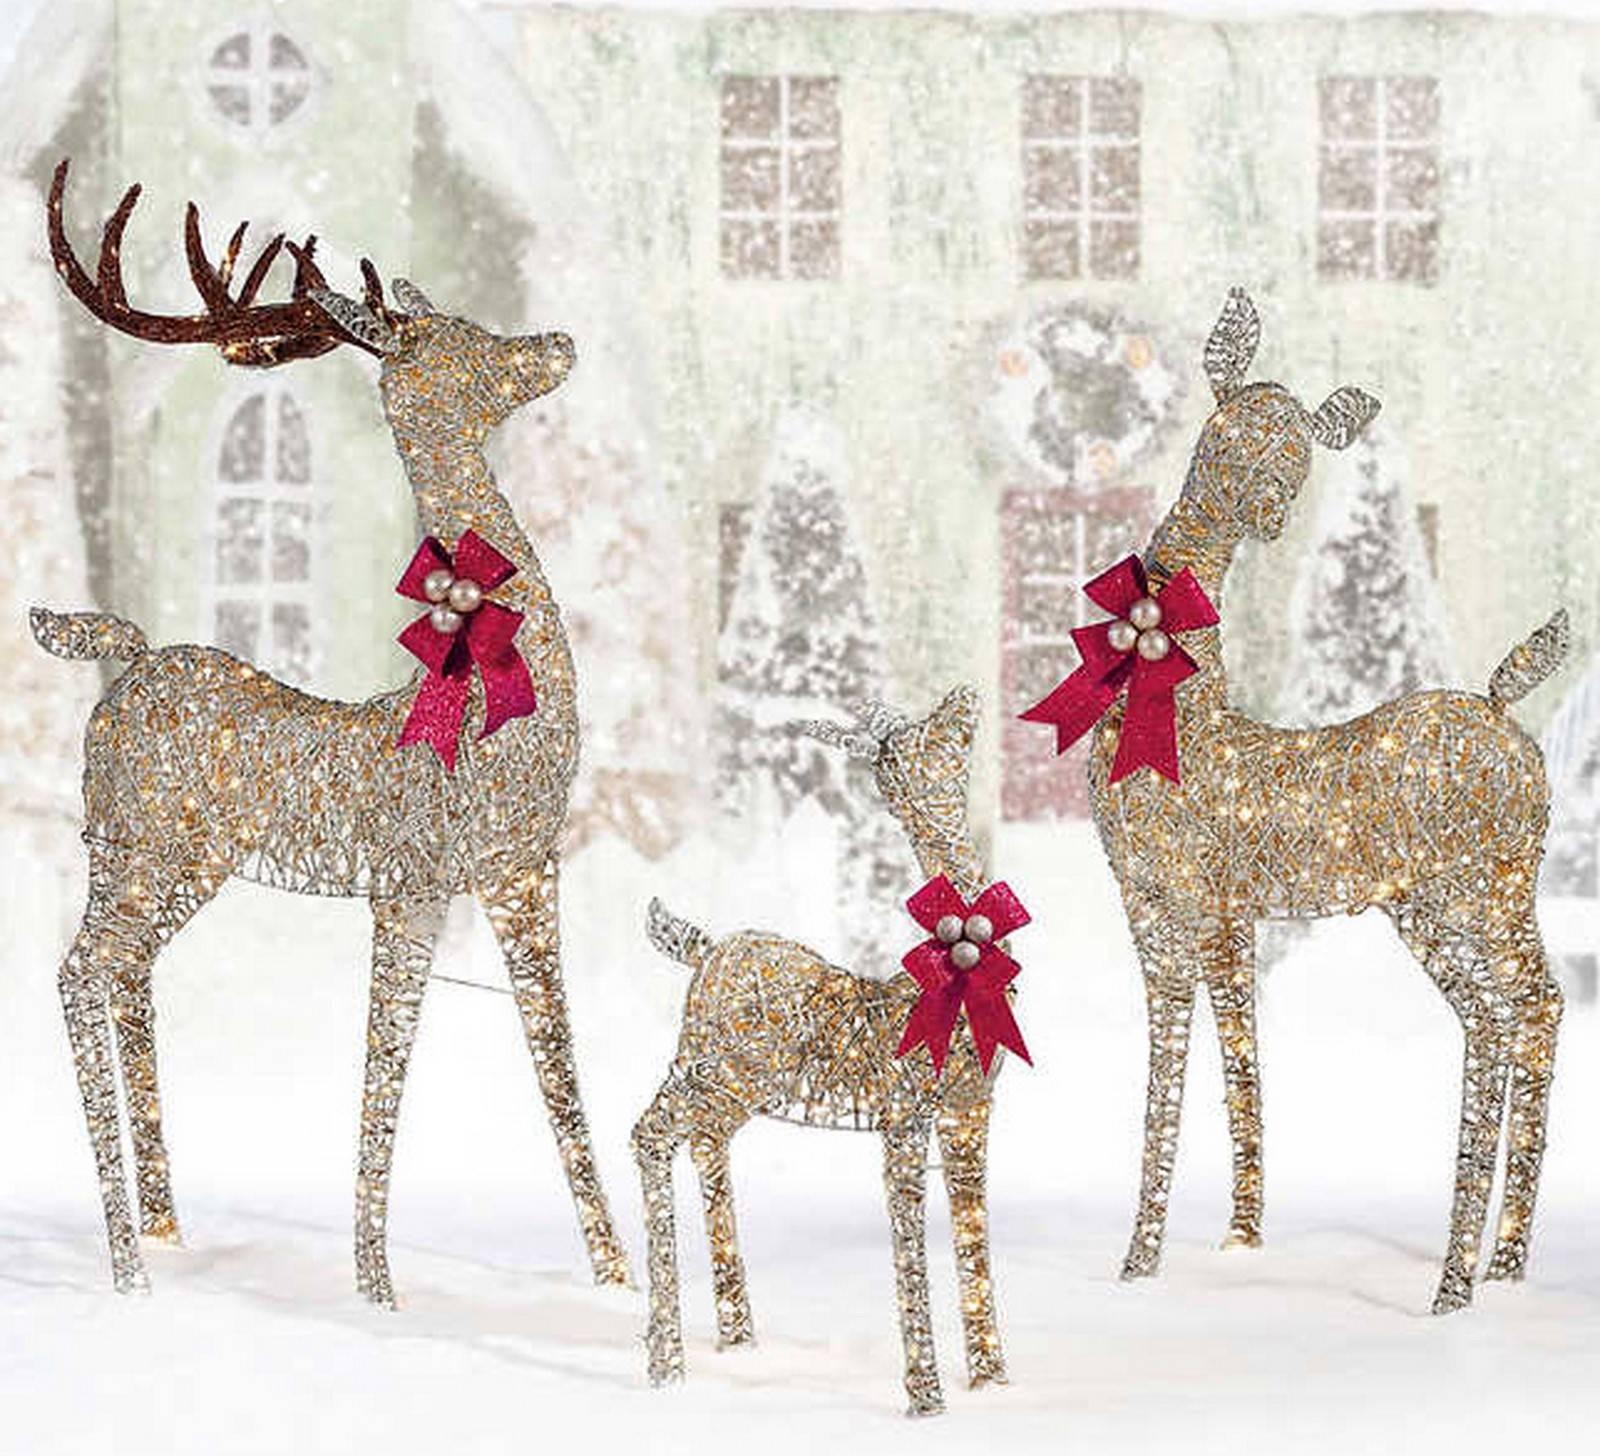 Huge Outdoor Prelit LED Deer Family Christmas Decoration Set